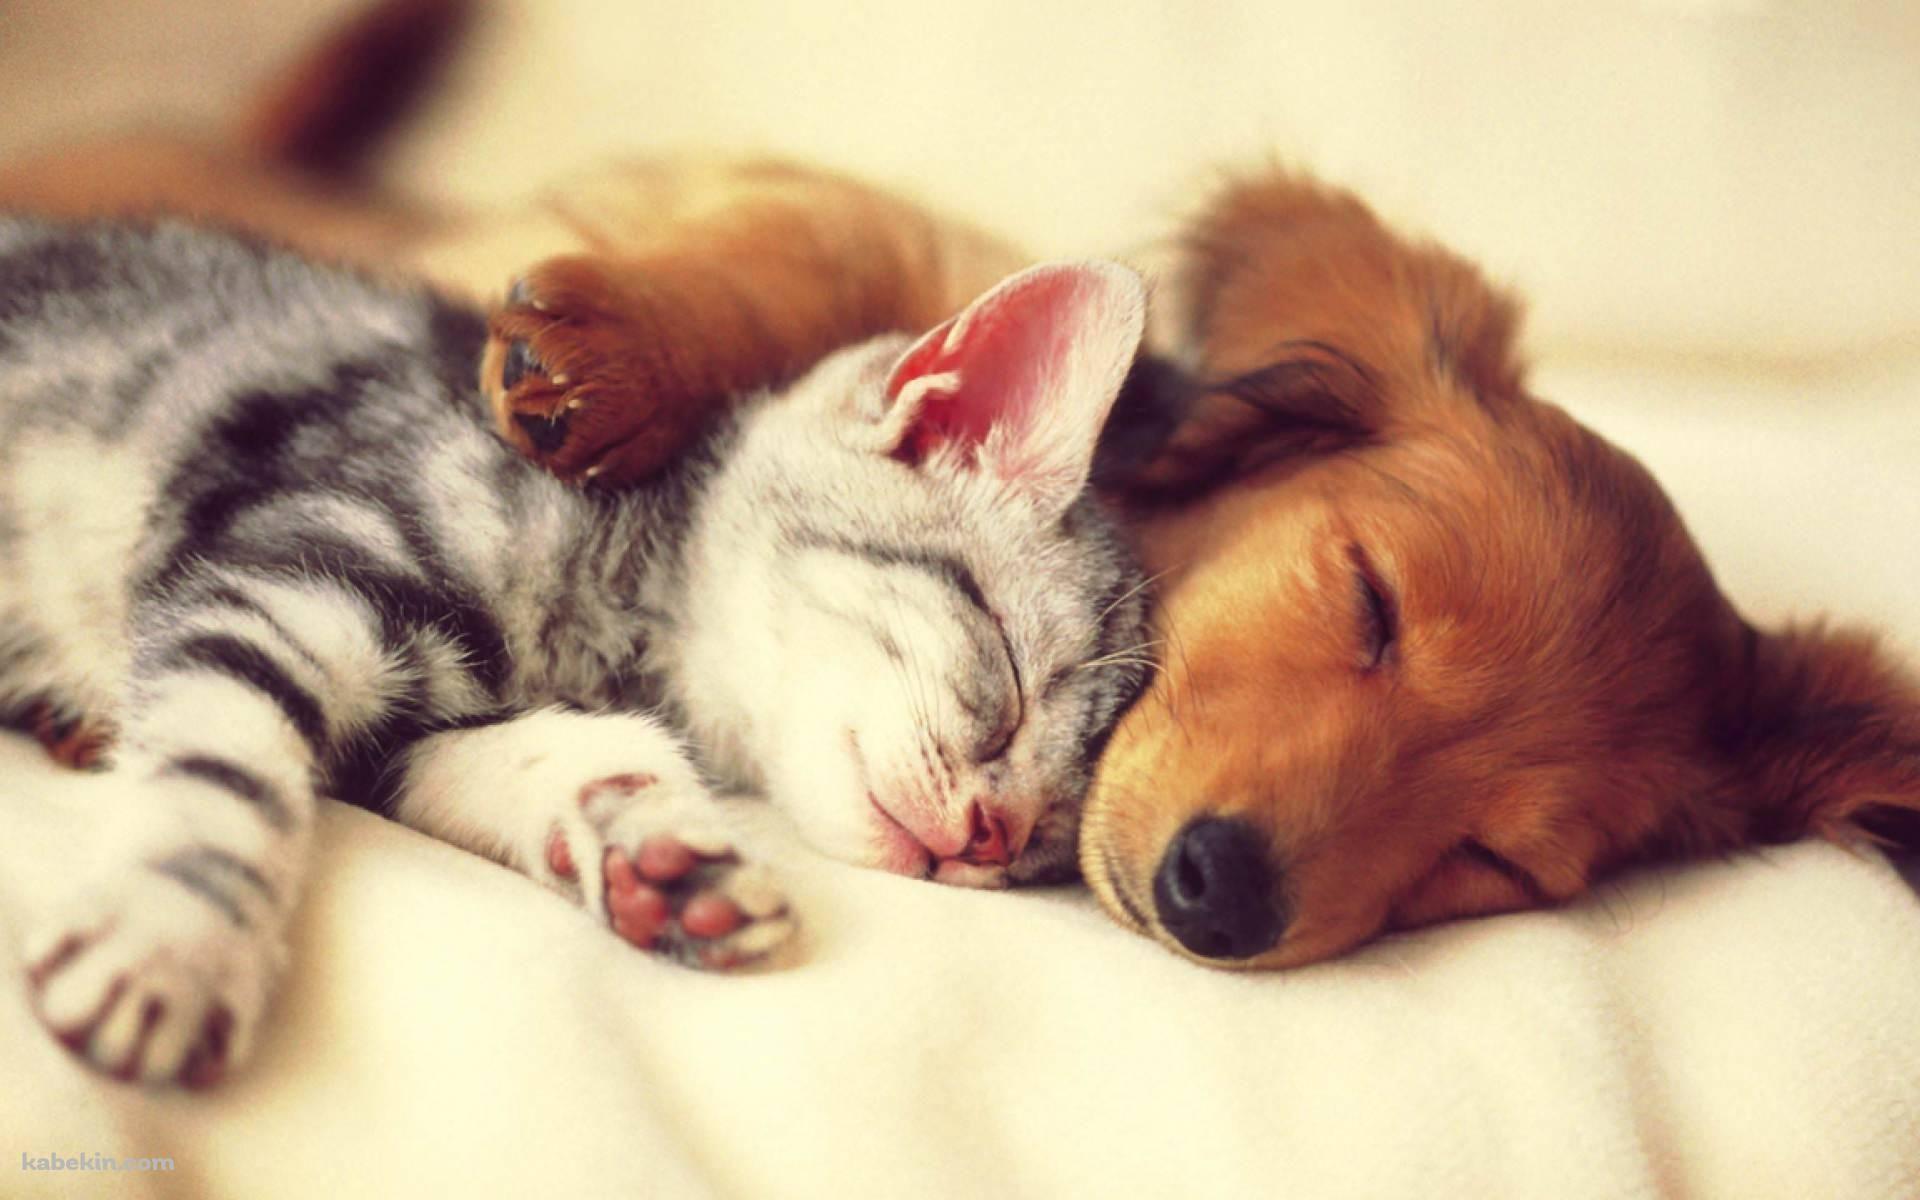 添い寝する猫と犬の壁紙 可愛い 動物 可愛い猫 犬 壁紙